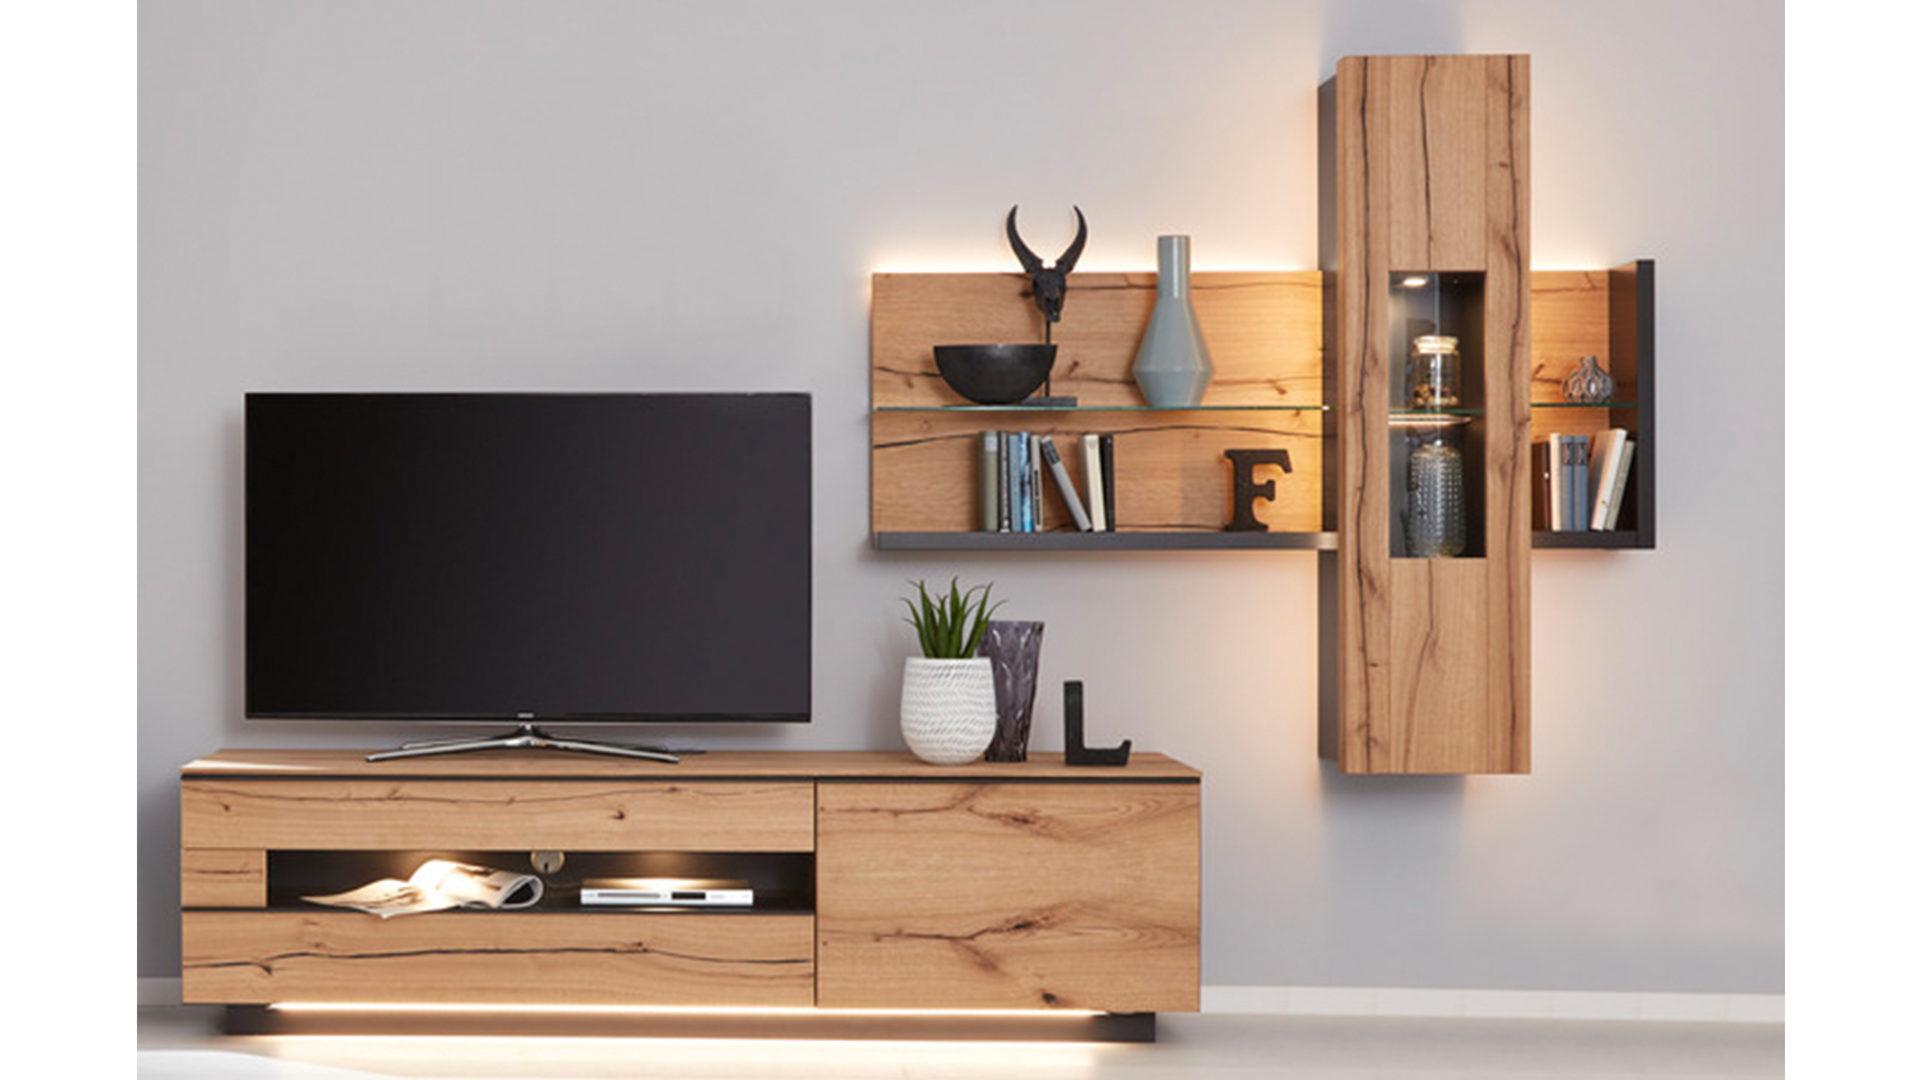 Interliving Wohnzimmer Serie 2103 – Wohnwand 560001S mit Beleuchtung,  schieferschwarzer Lack & Asteiche – dreiteilig, Breite